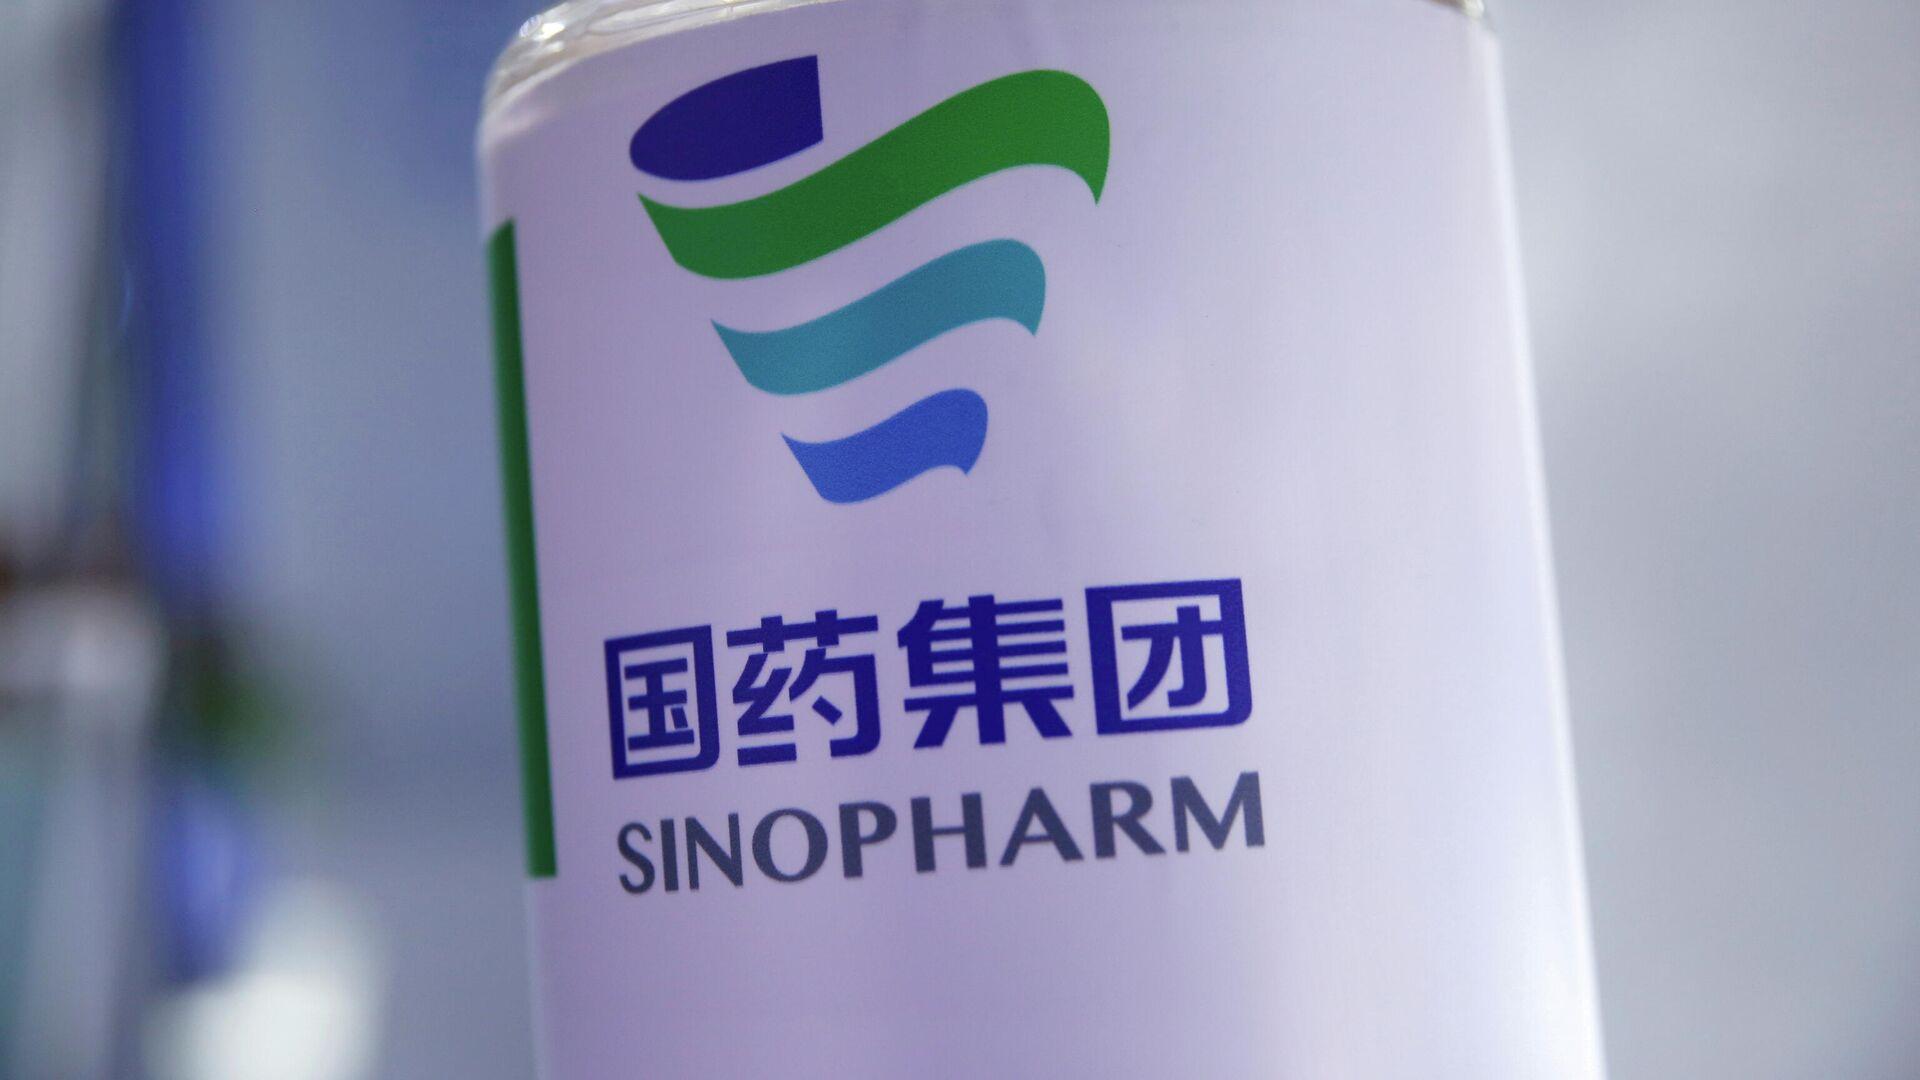 Impfstoff Sinopharm (Symbolbild) - SNA, 1920, 12.07.2021